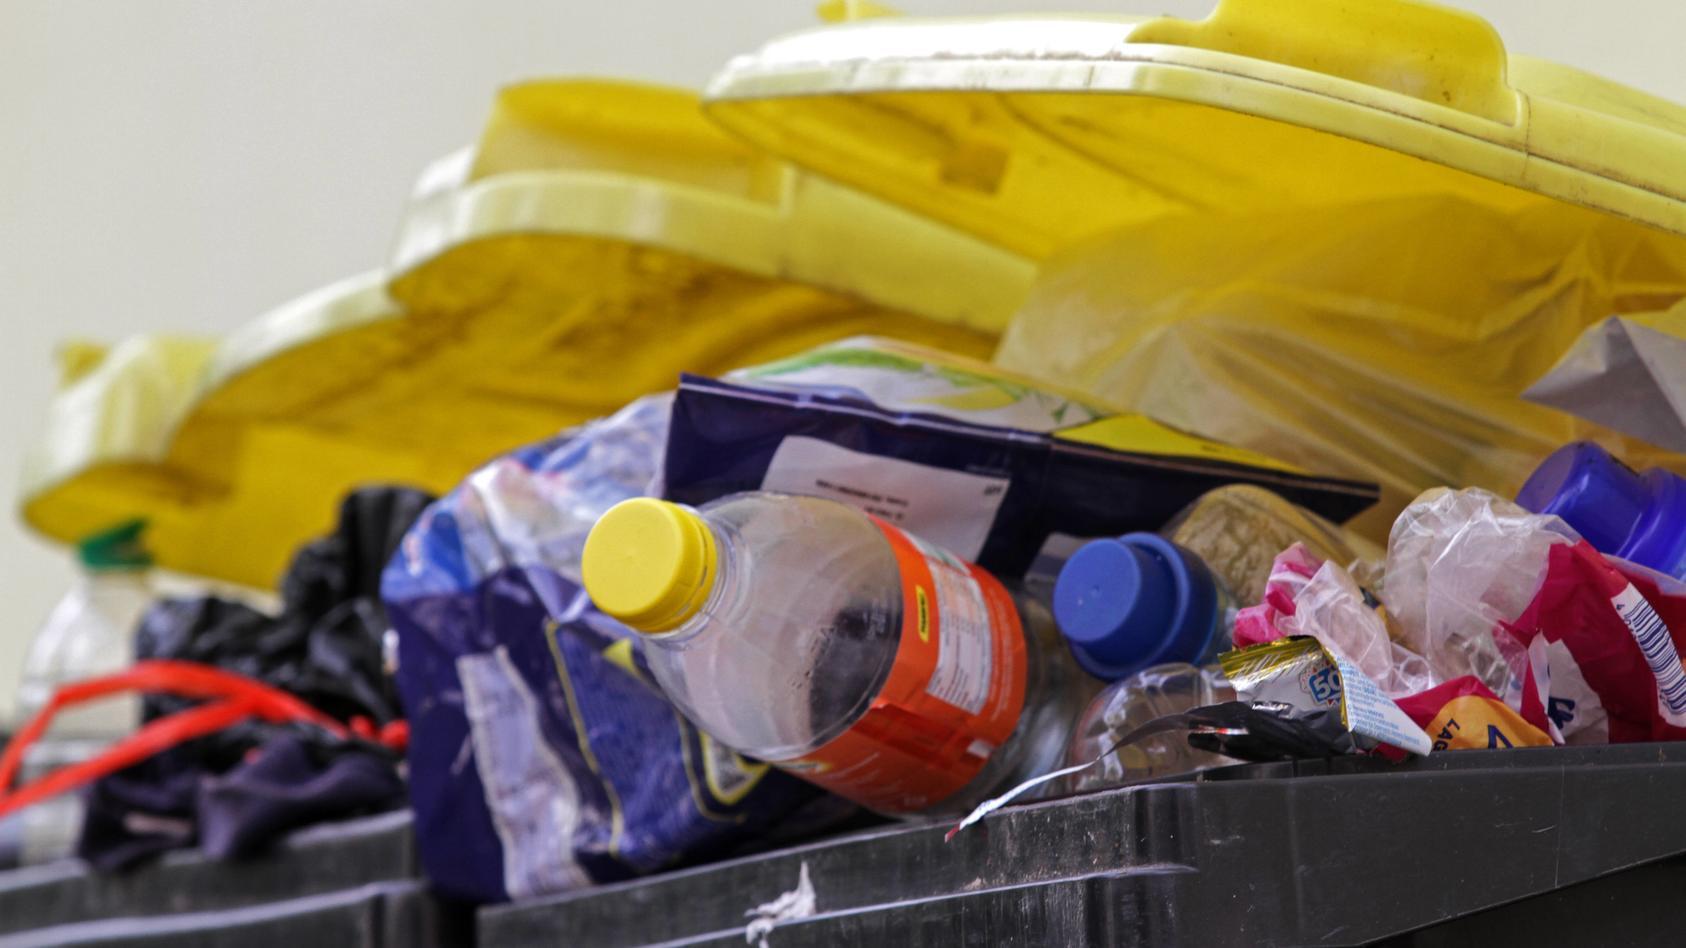 Deutschland steht auf Platz 4 der Plastikmüll-Produzenten in Europa